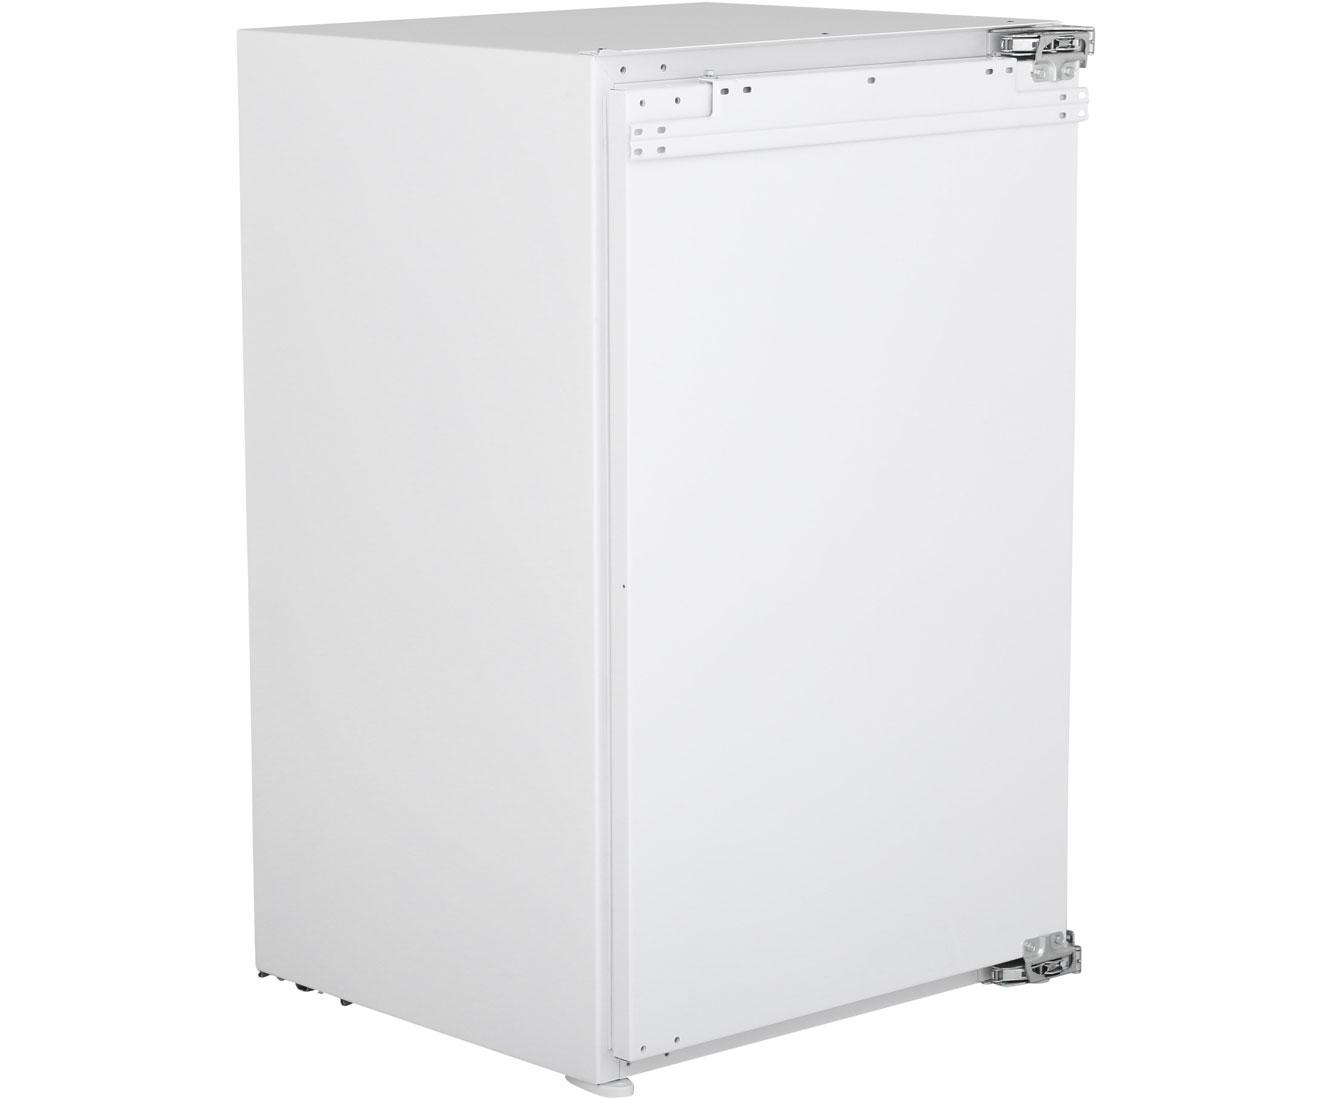 Rabatt-Preisvergleich.de - Kühlen & Gefrieren > Kühlschränke